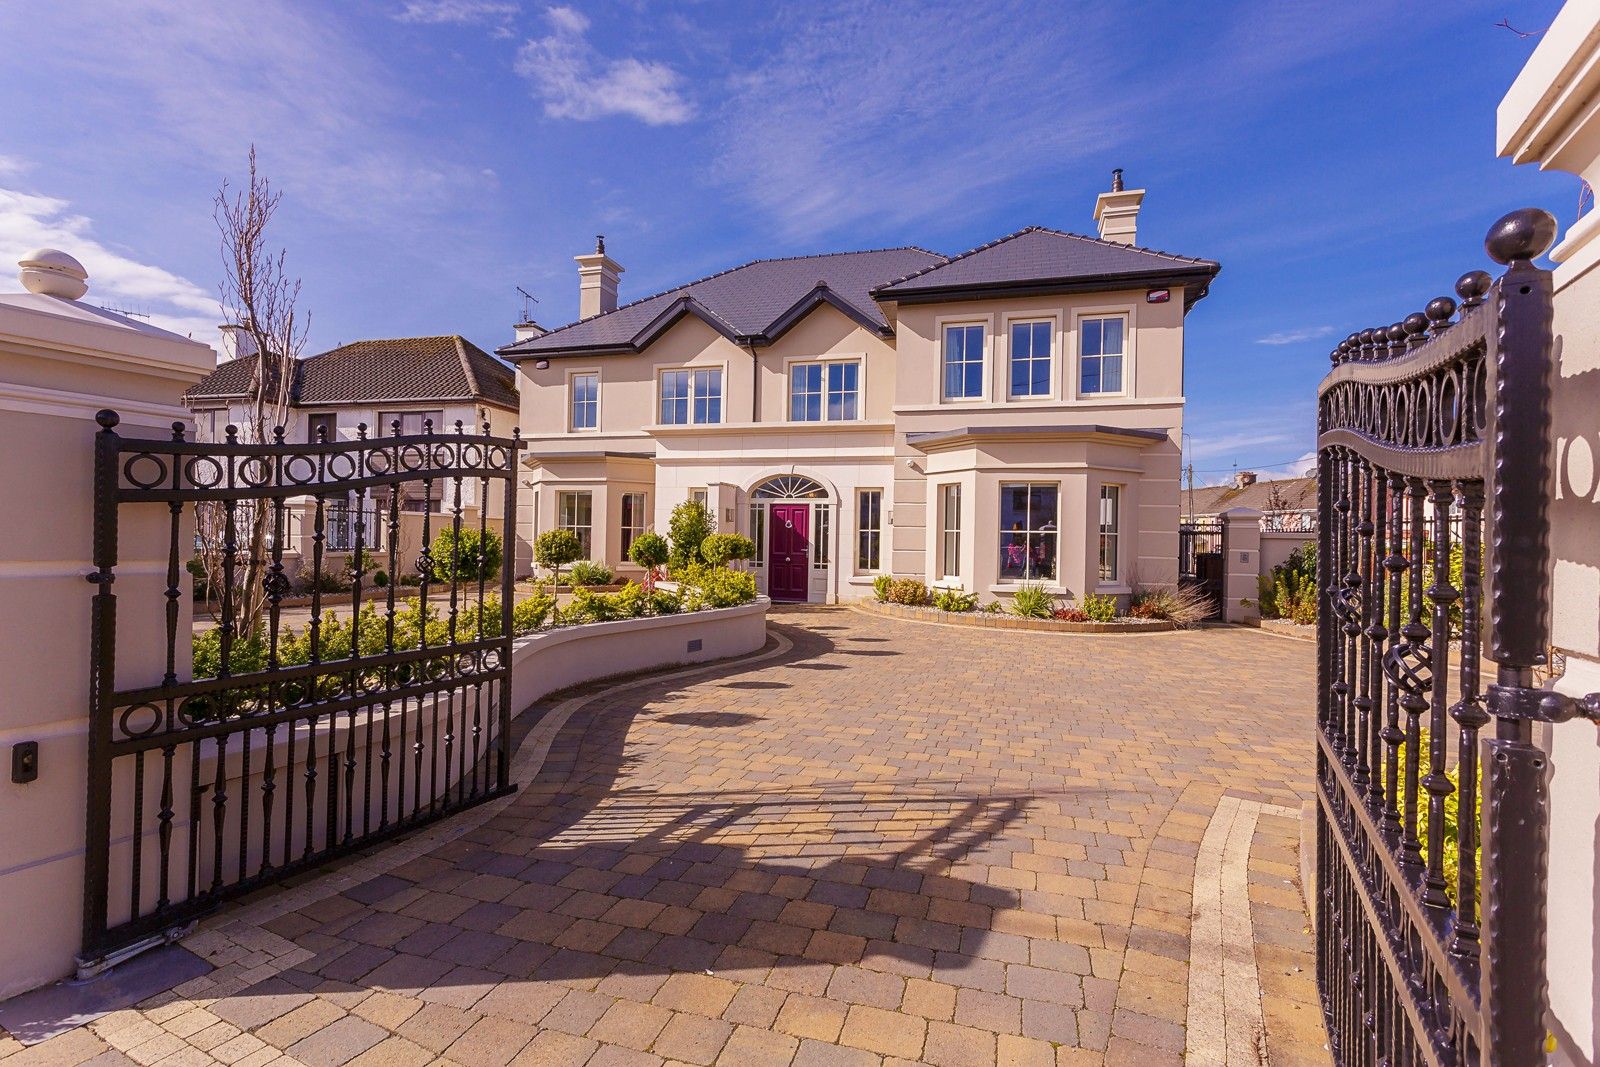 Lavish Killarney Residence, Co. Kerry.